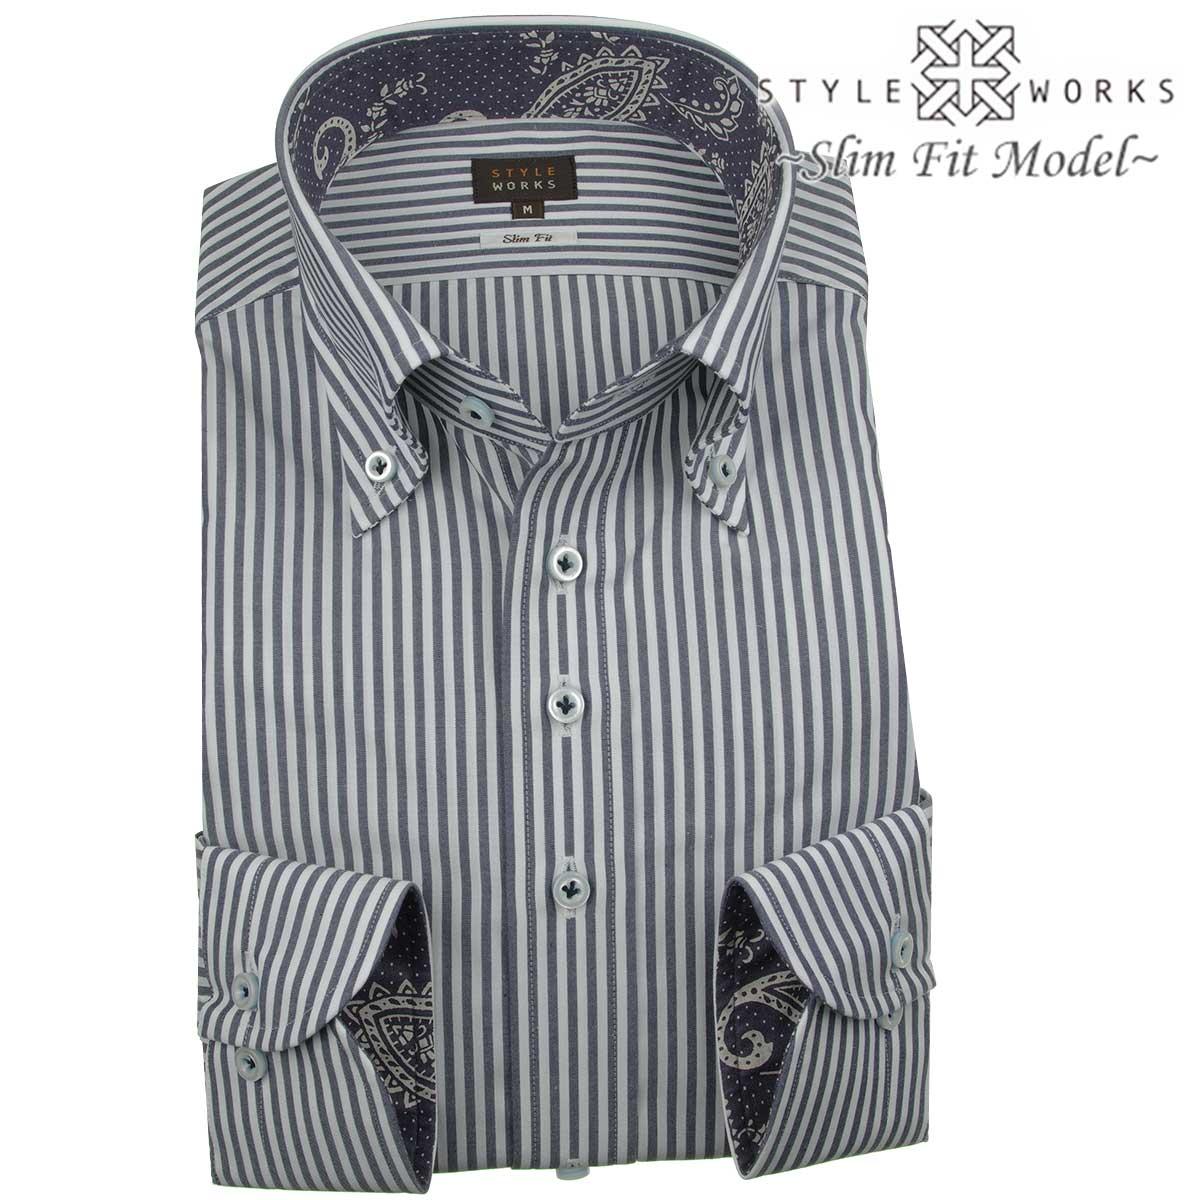 ドレスシャツ ワイシャツ シャツ メンズ 国産 長袖 綿100% スリムフィット ボタンダウン ロンドンストライプ ダークネイビー・ホワイト【Sサイズ・裄丈81cm】